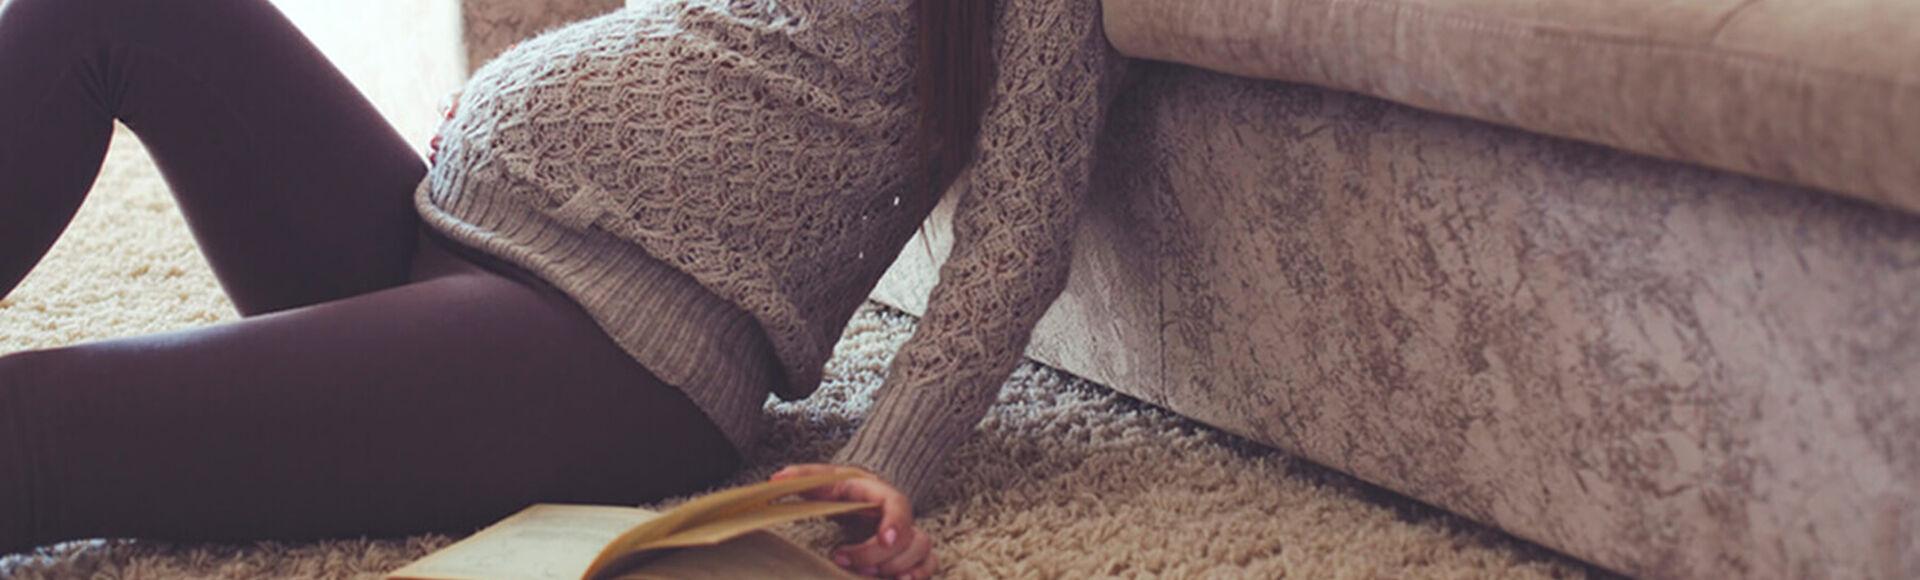 Que es una partera y sus funciones | Más Abrazos by Huggies